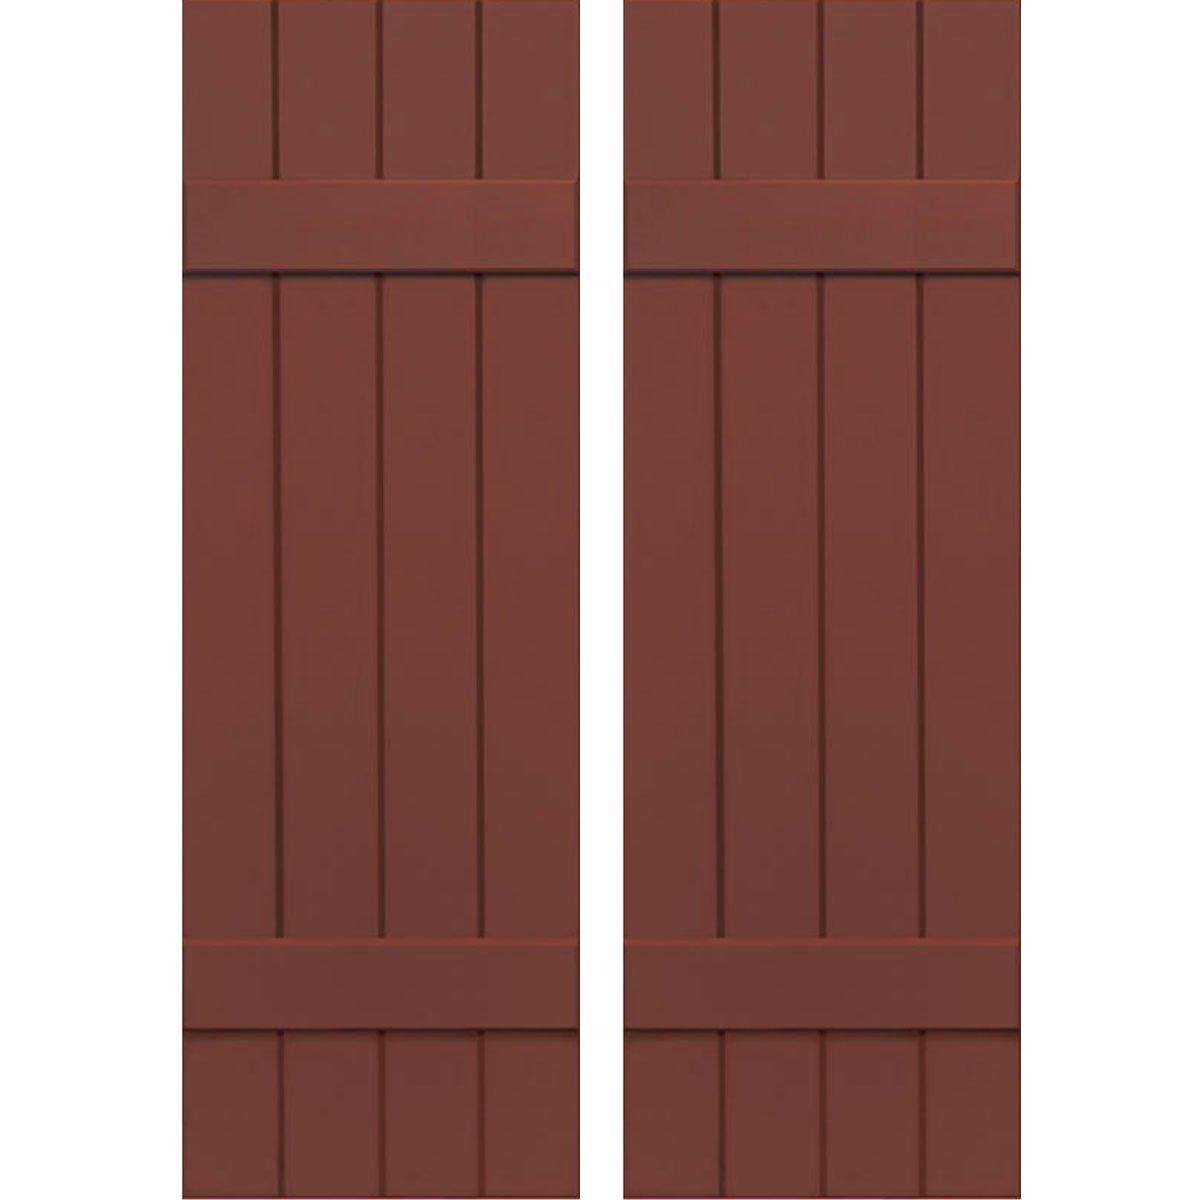 Ekena Millwork CWB15X049RWC Exterior Four Board